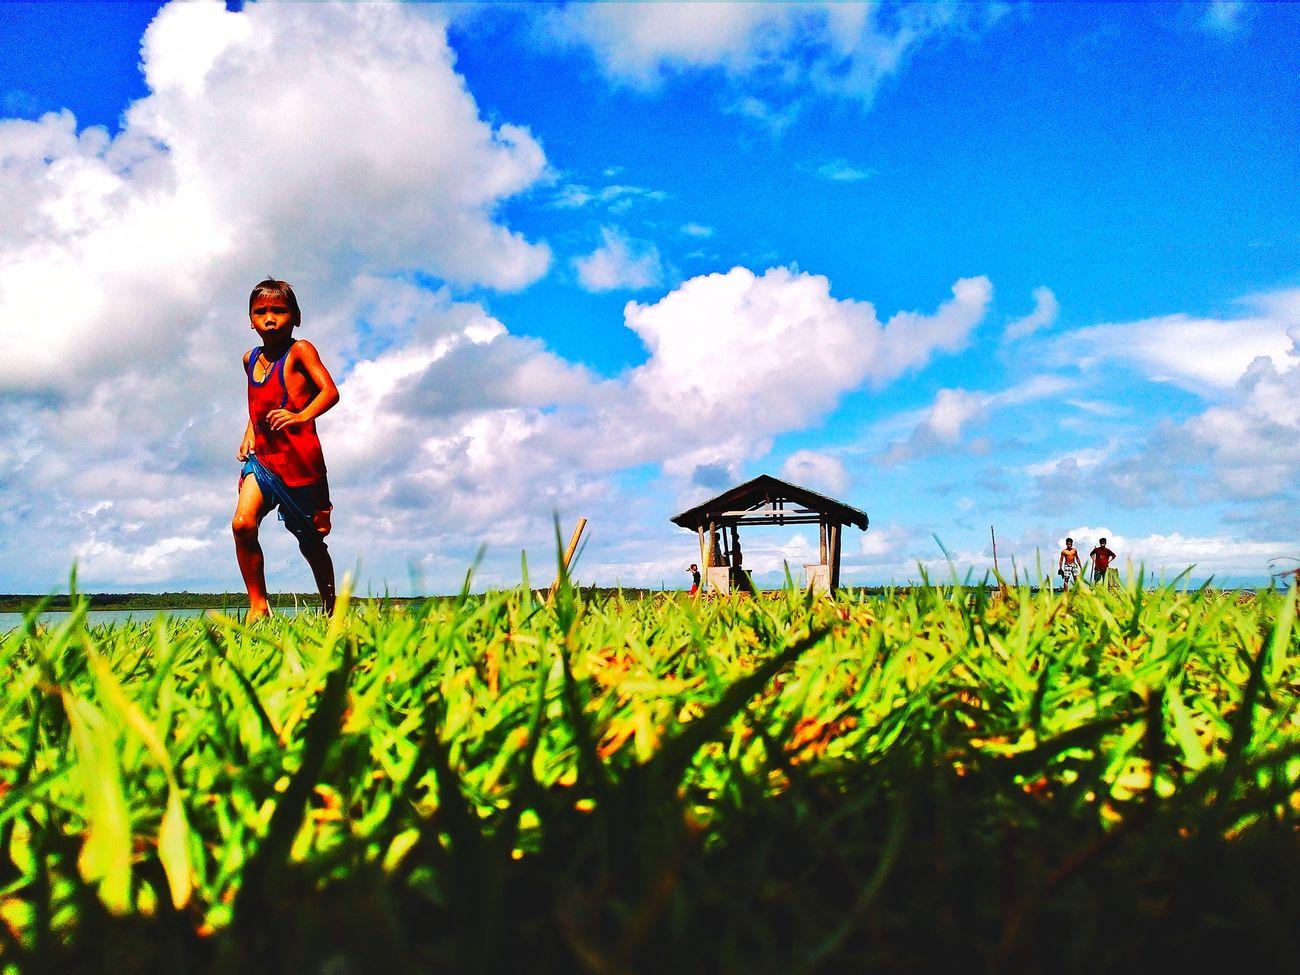 Run lost boy